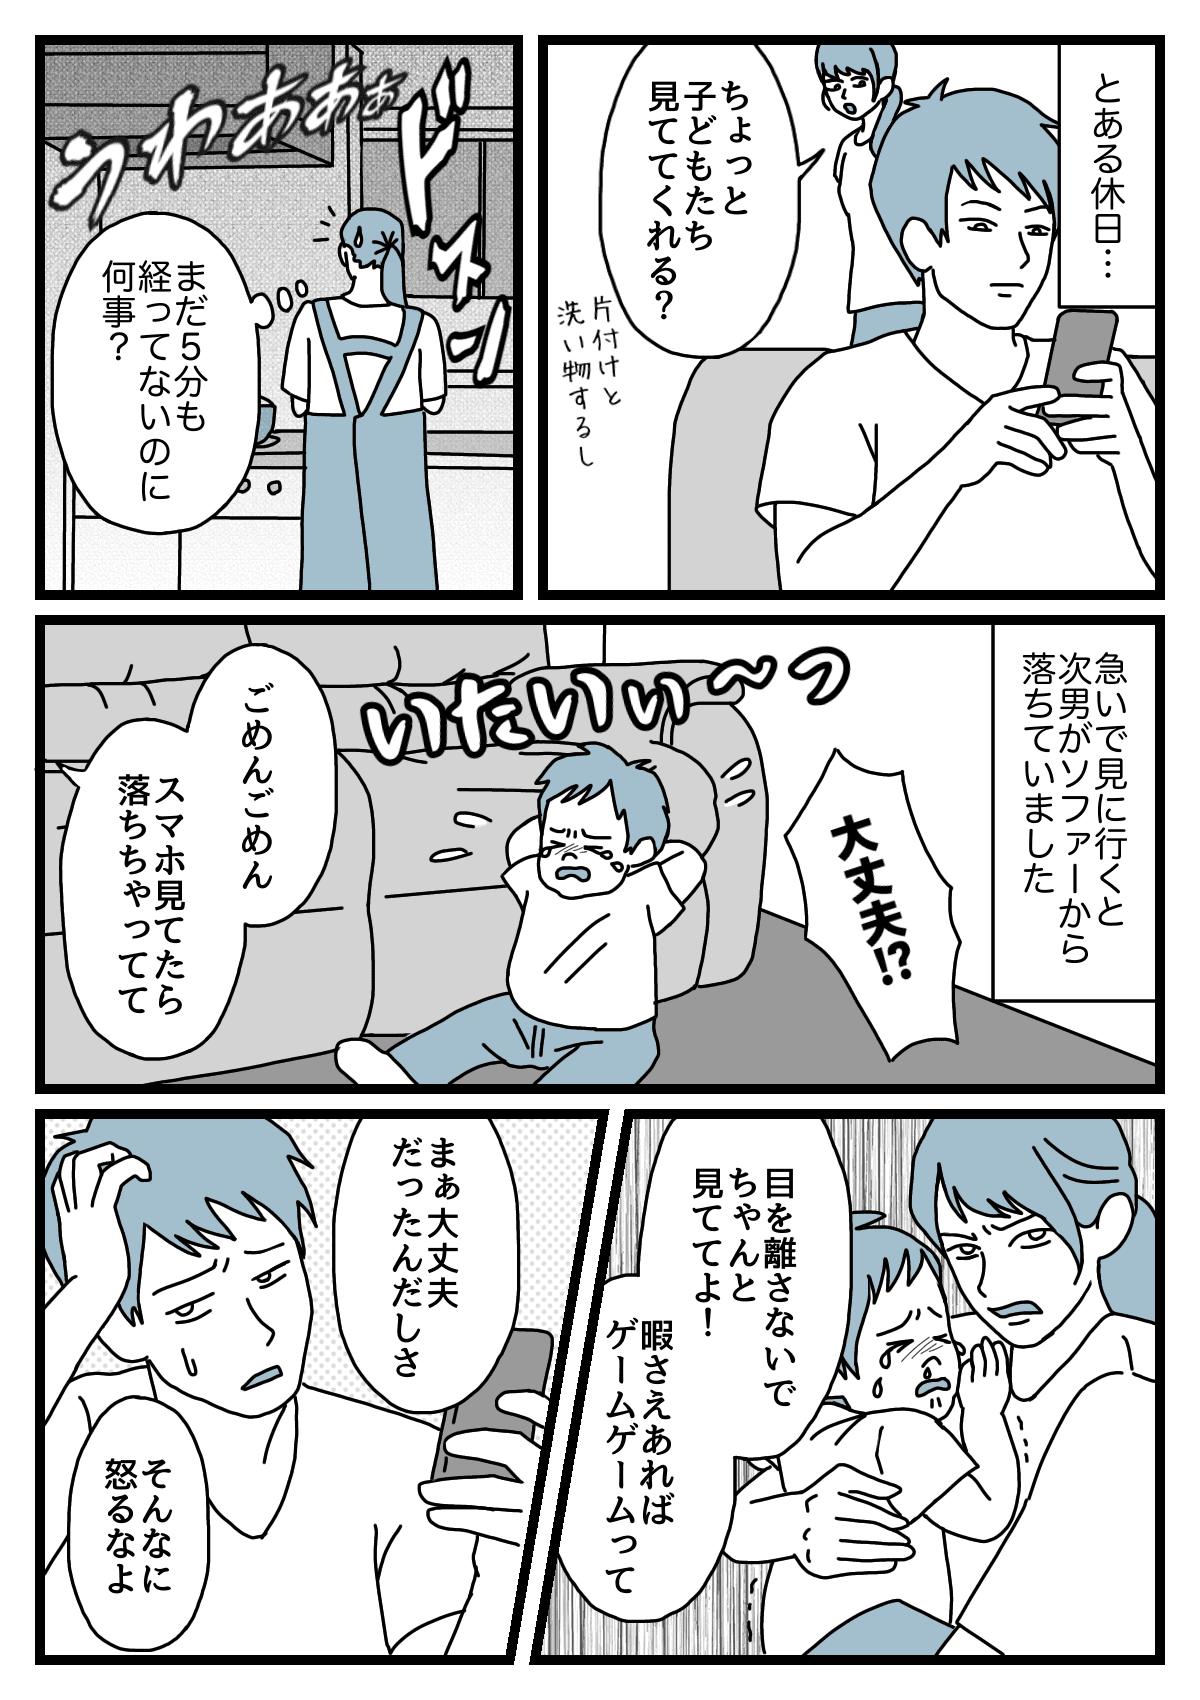 【ダメパパ図鑑64人目】危機意識低すぎ!1